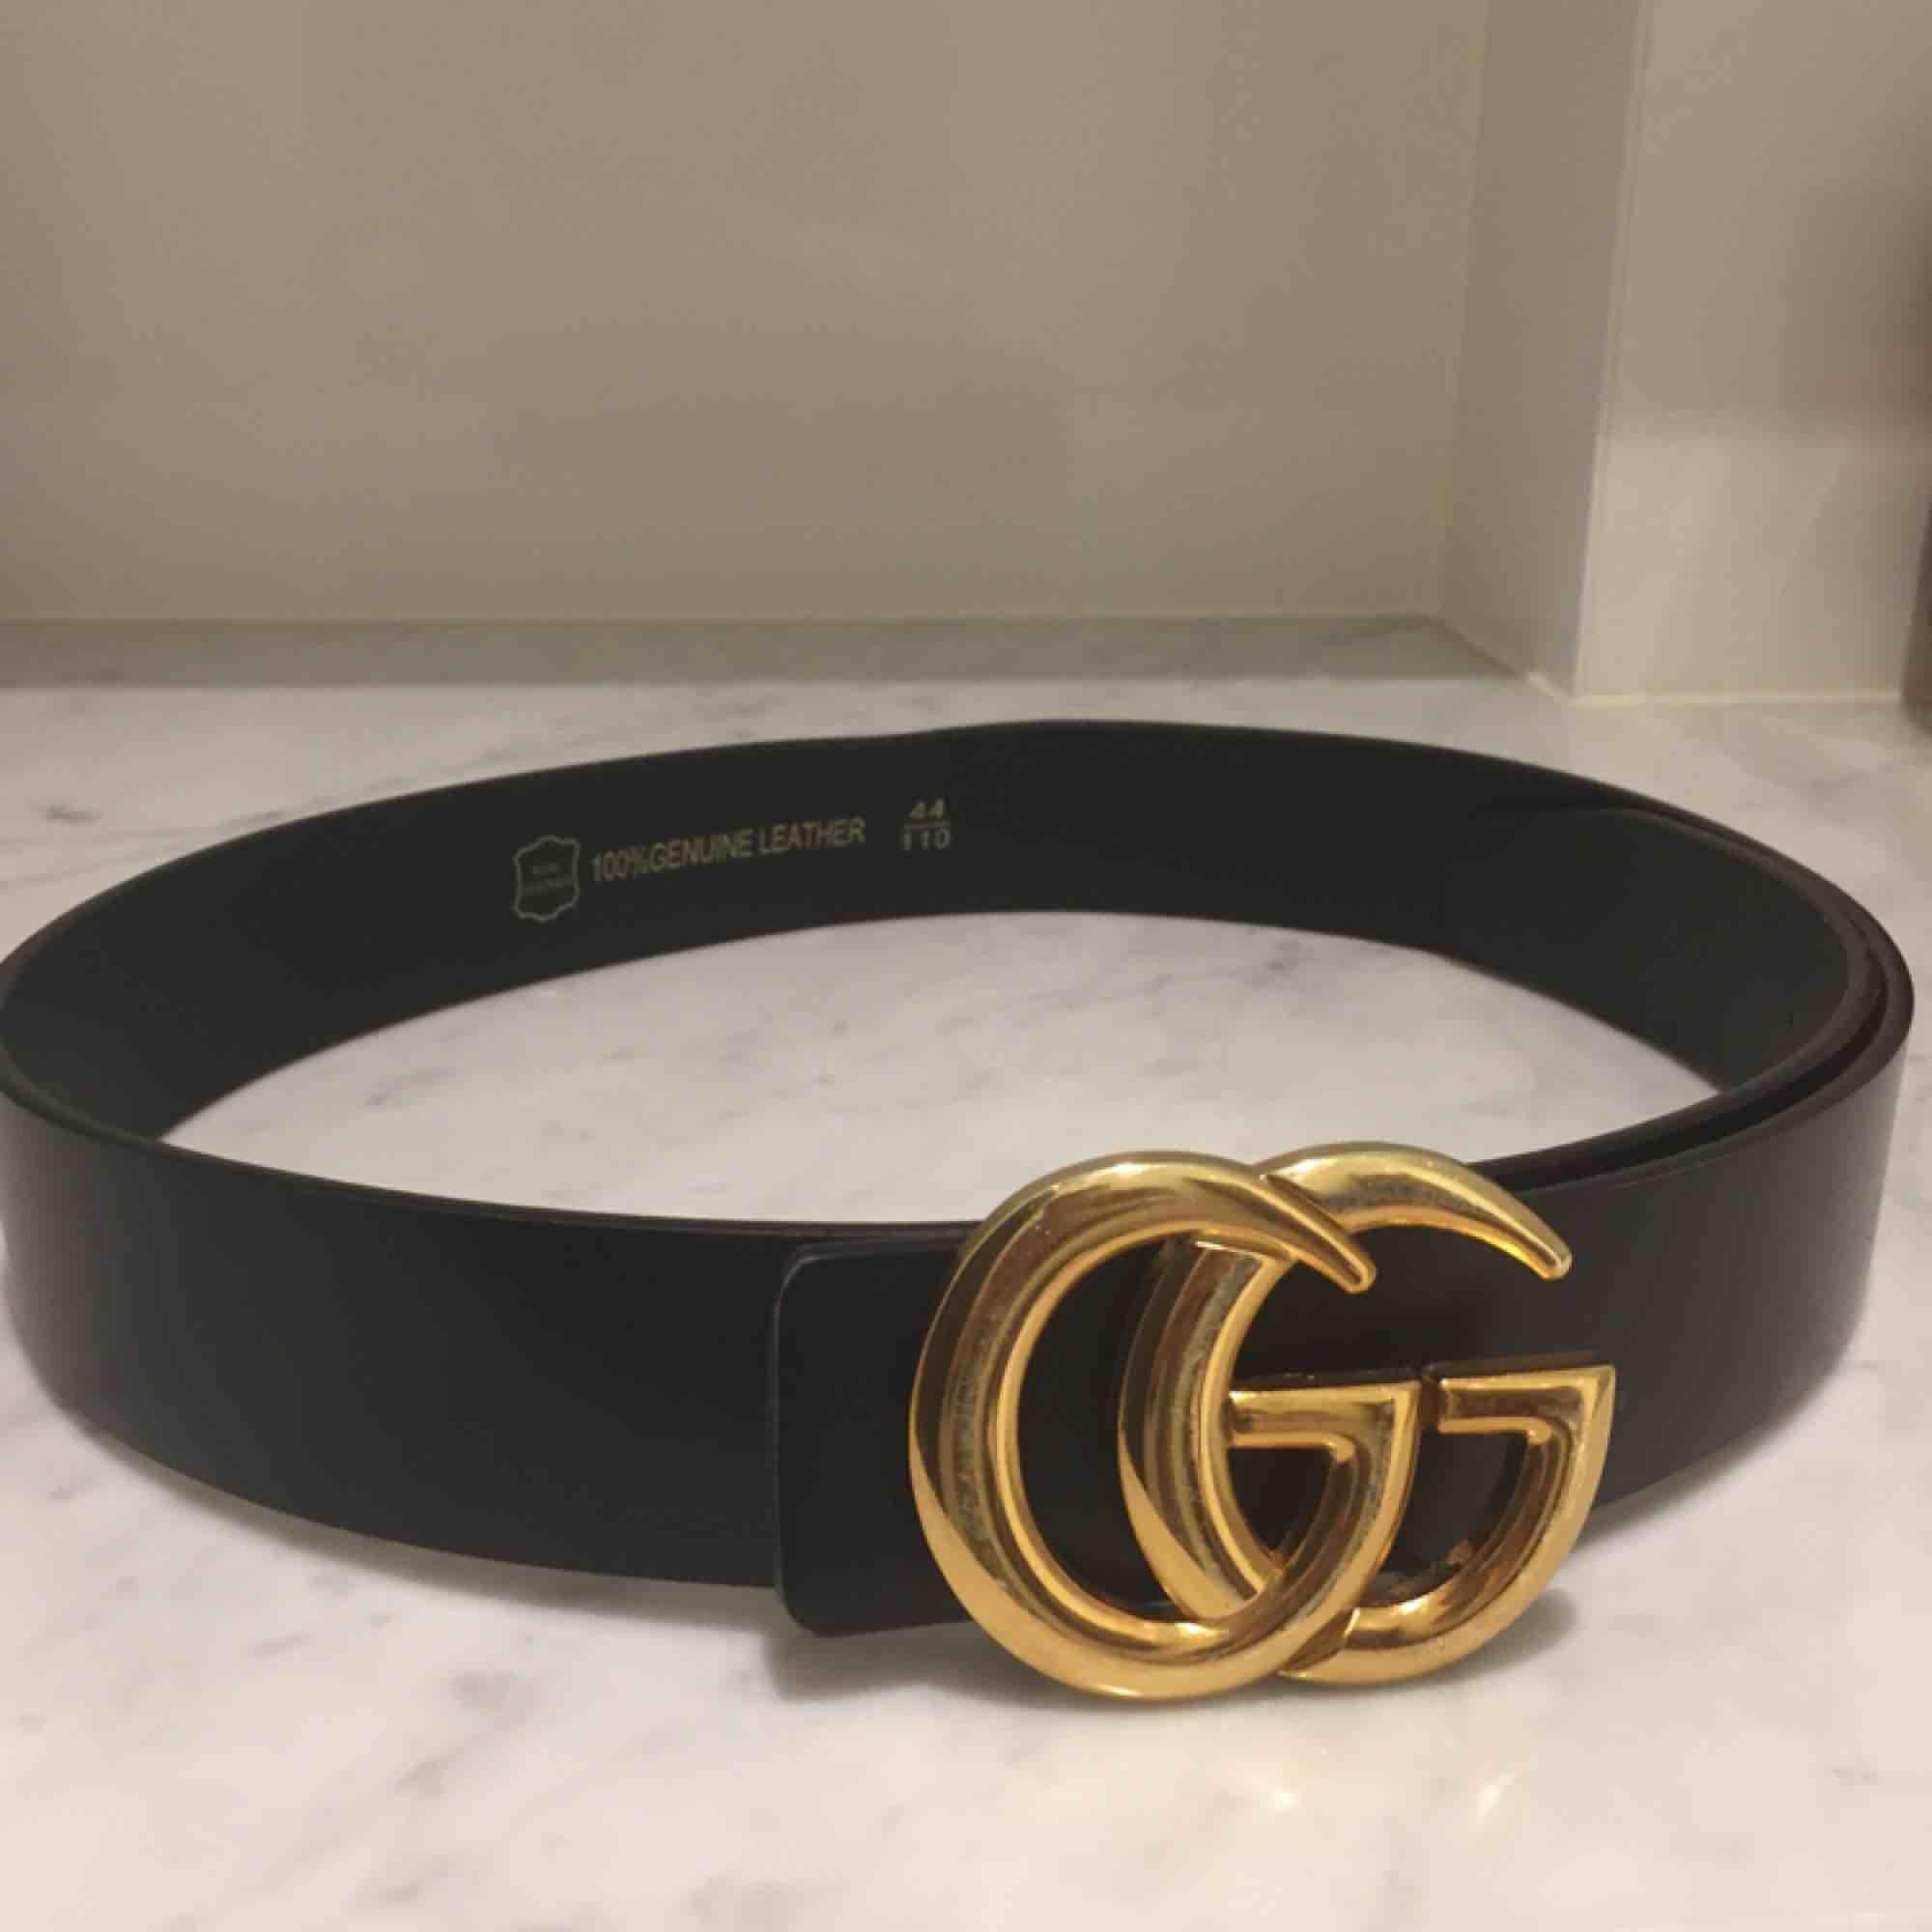 Gucci skärp A-kopia. Finns extra hål också så man kan spänna tightare.. Accessoarer.